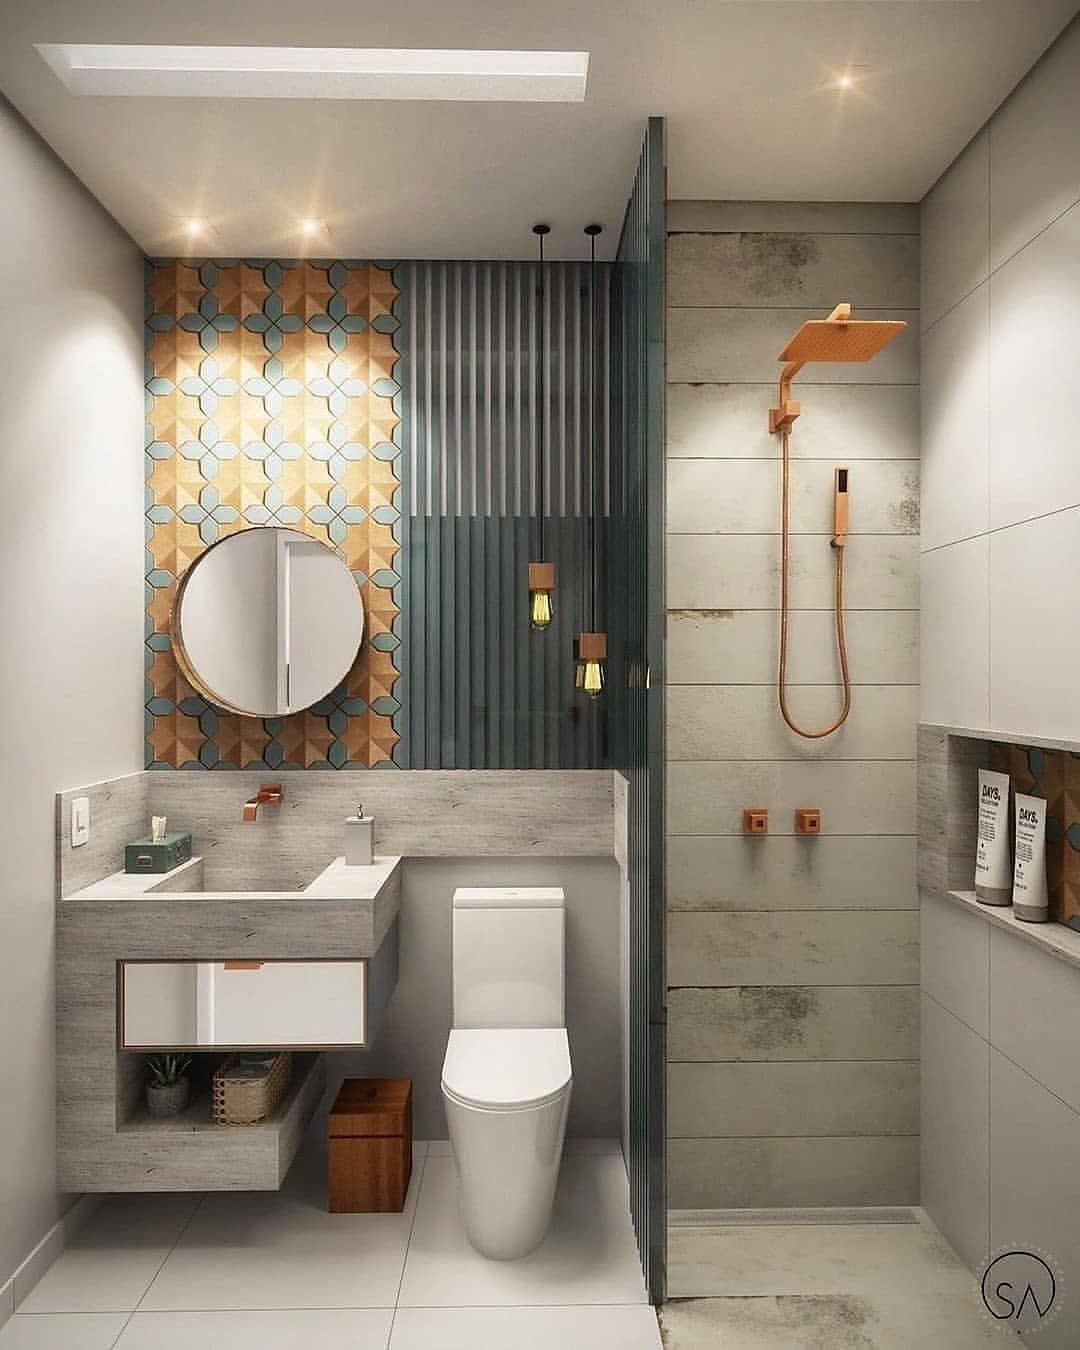 Desain Teras Rumah Sederhana: Keramik Mandi Minimalis ...